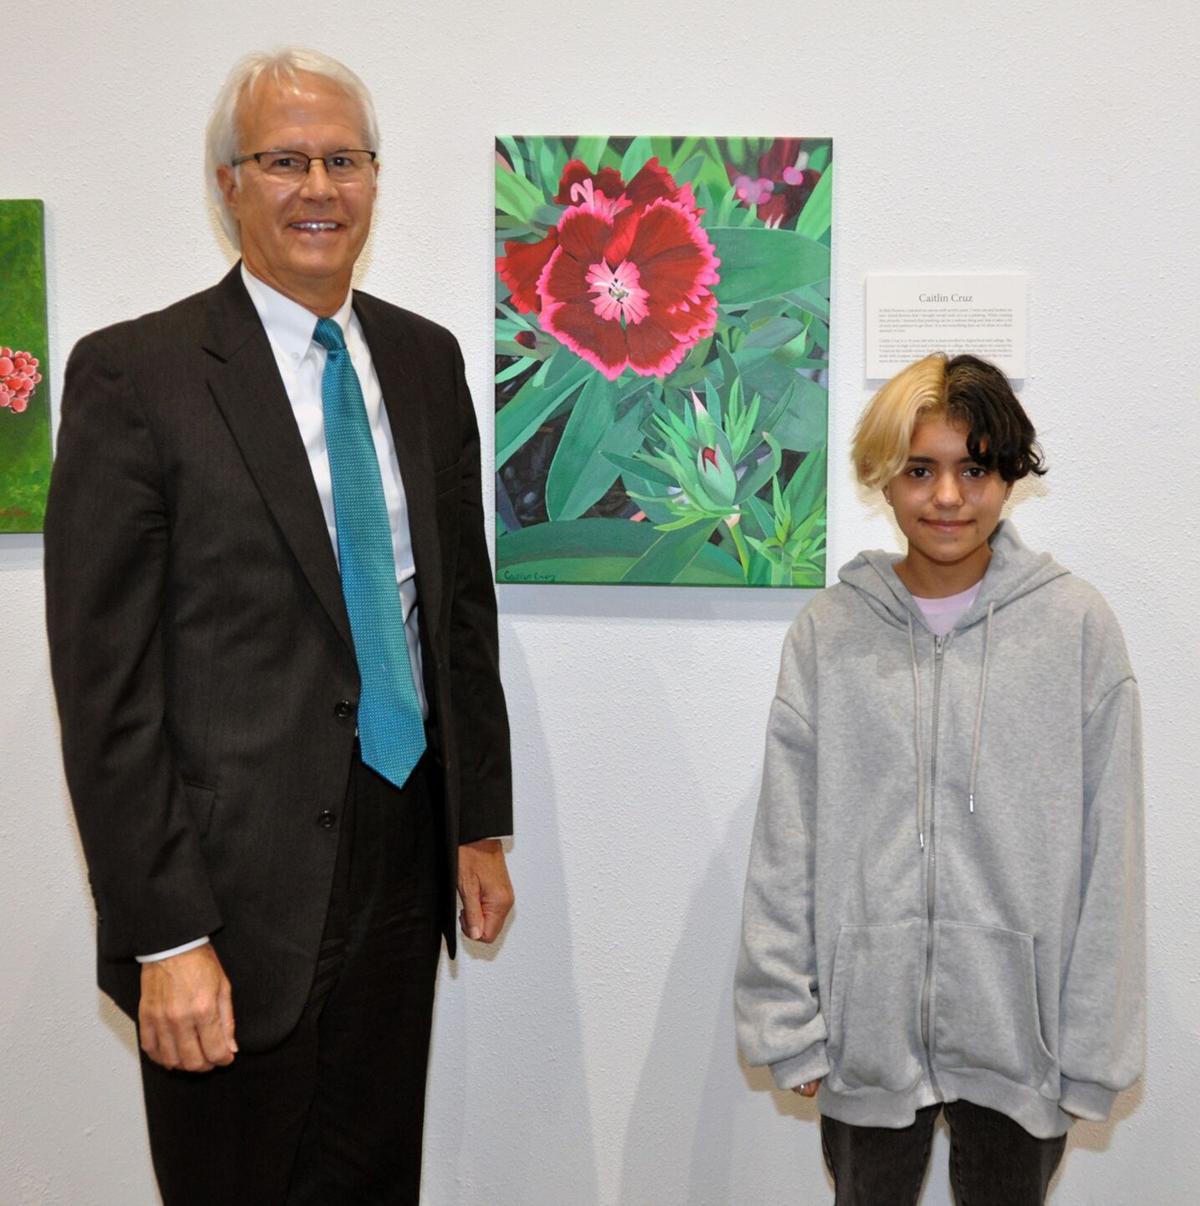 President Leitzel and Caitlin Cruz